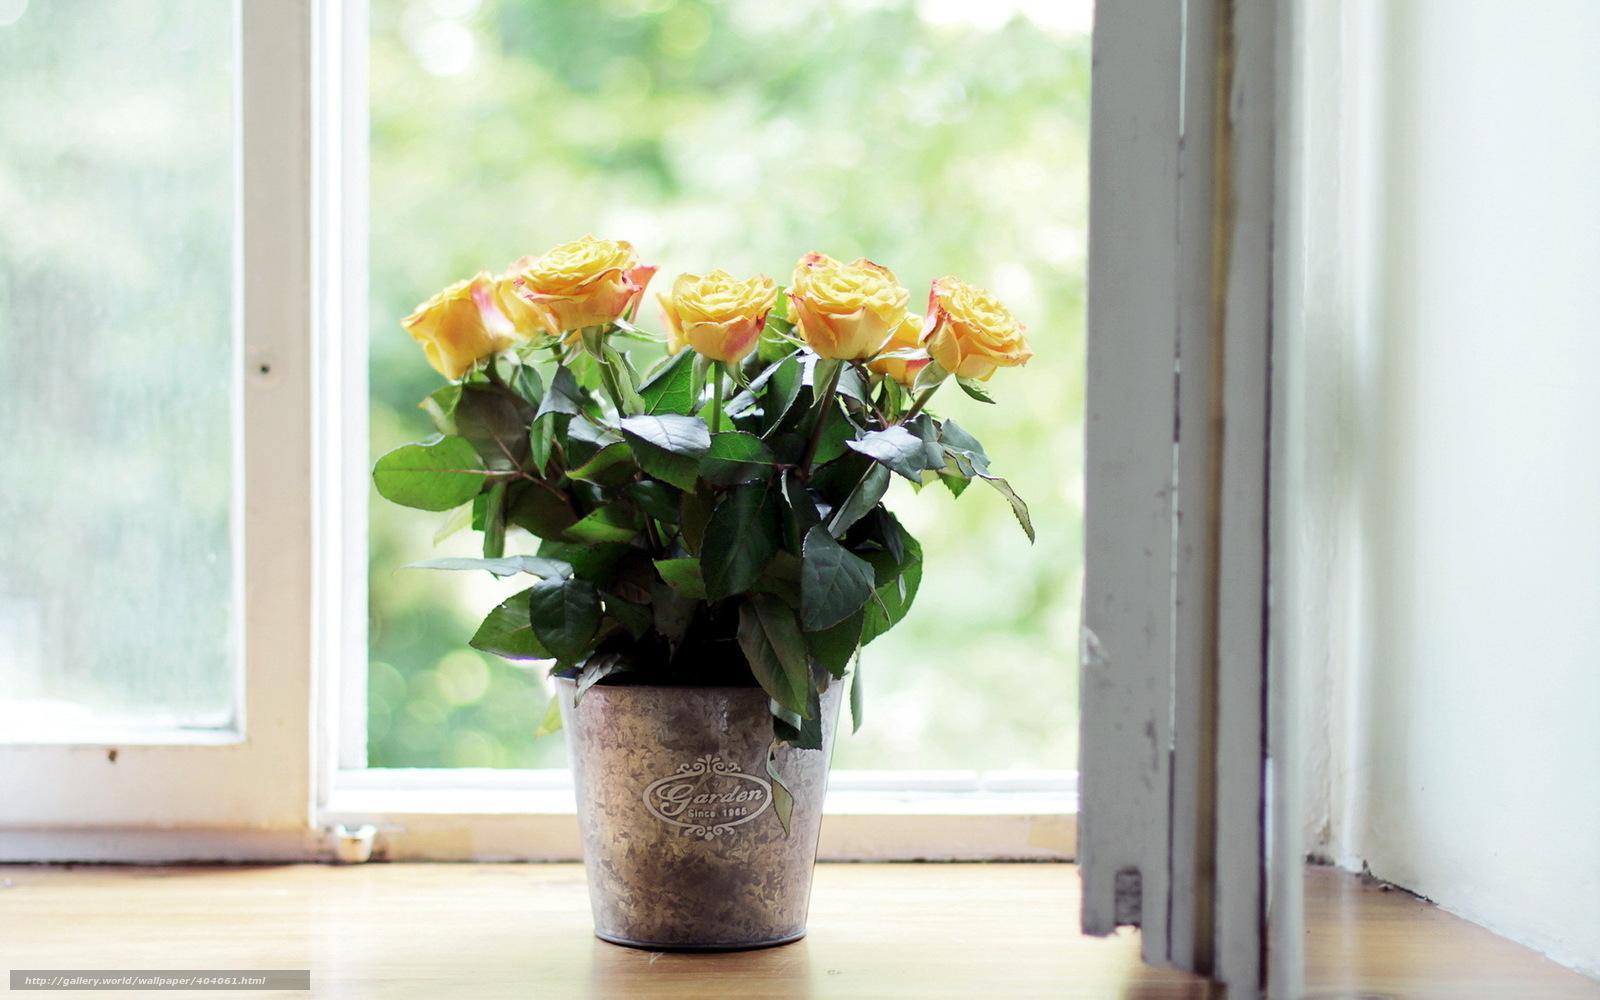 http://www.gdefon.ru/wallpapers/404061_zheltye-rozy_okno_podokonnik_vedro_1680x1050_(GdeFon.ru).jpg